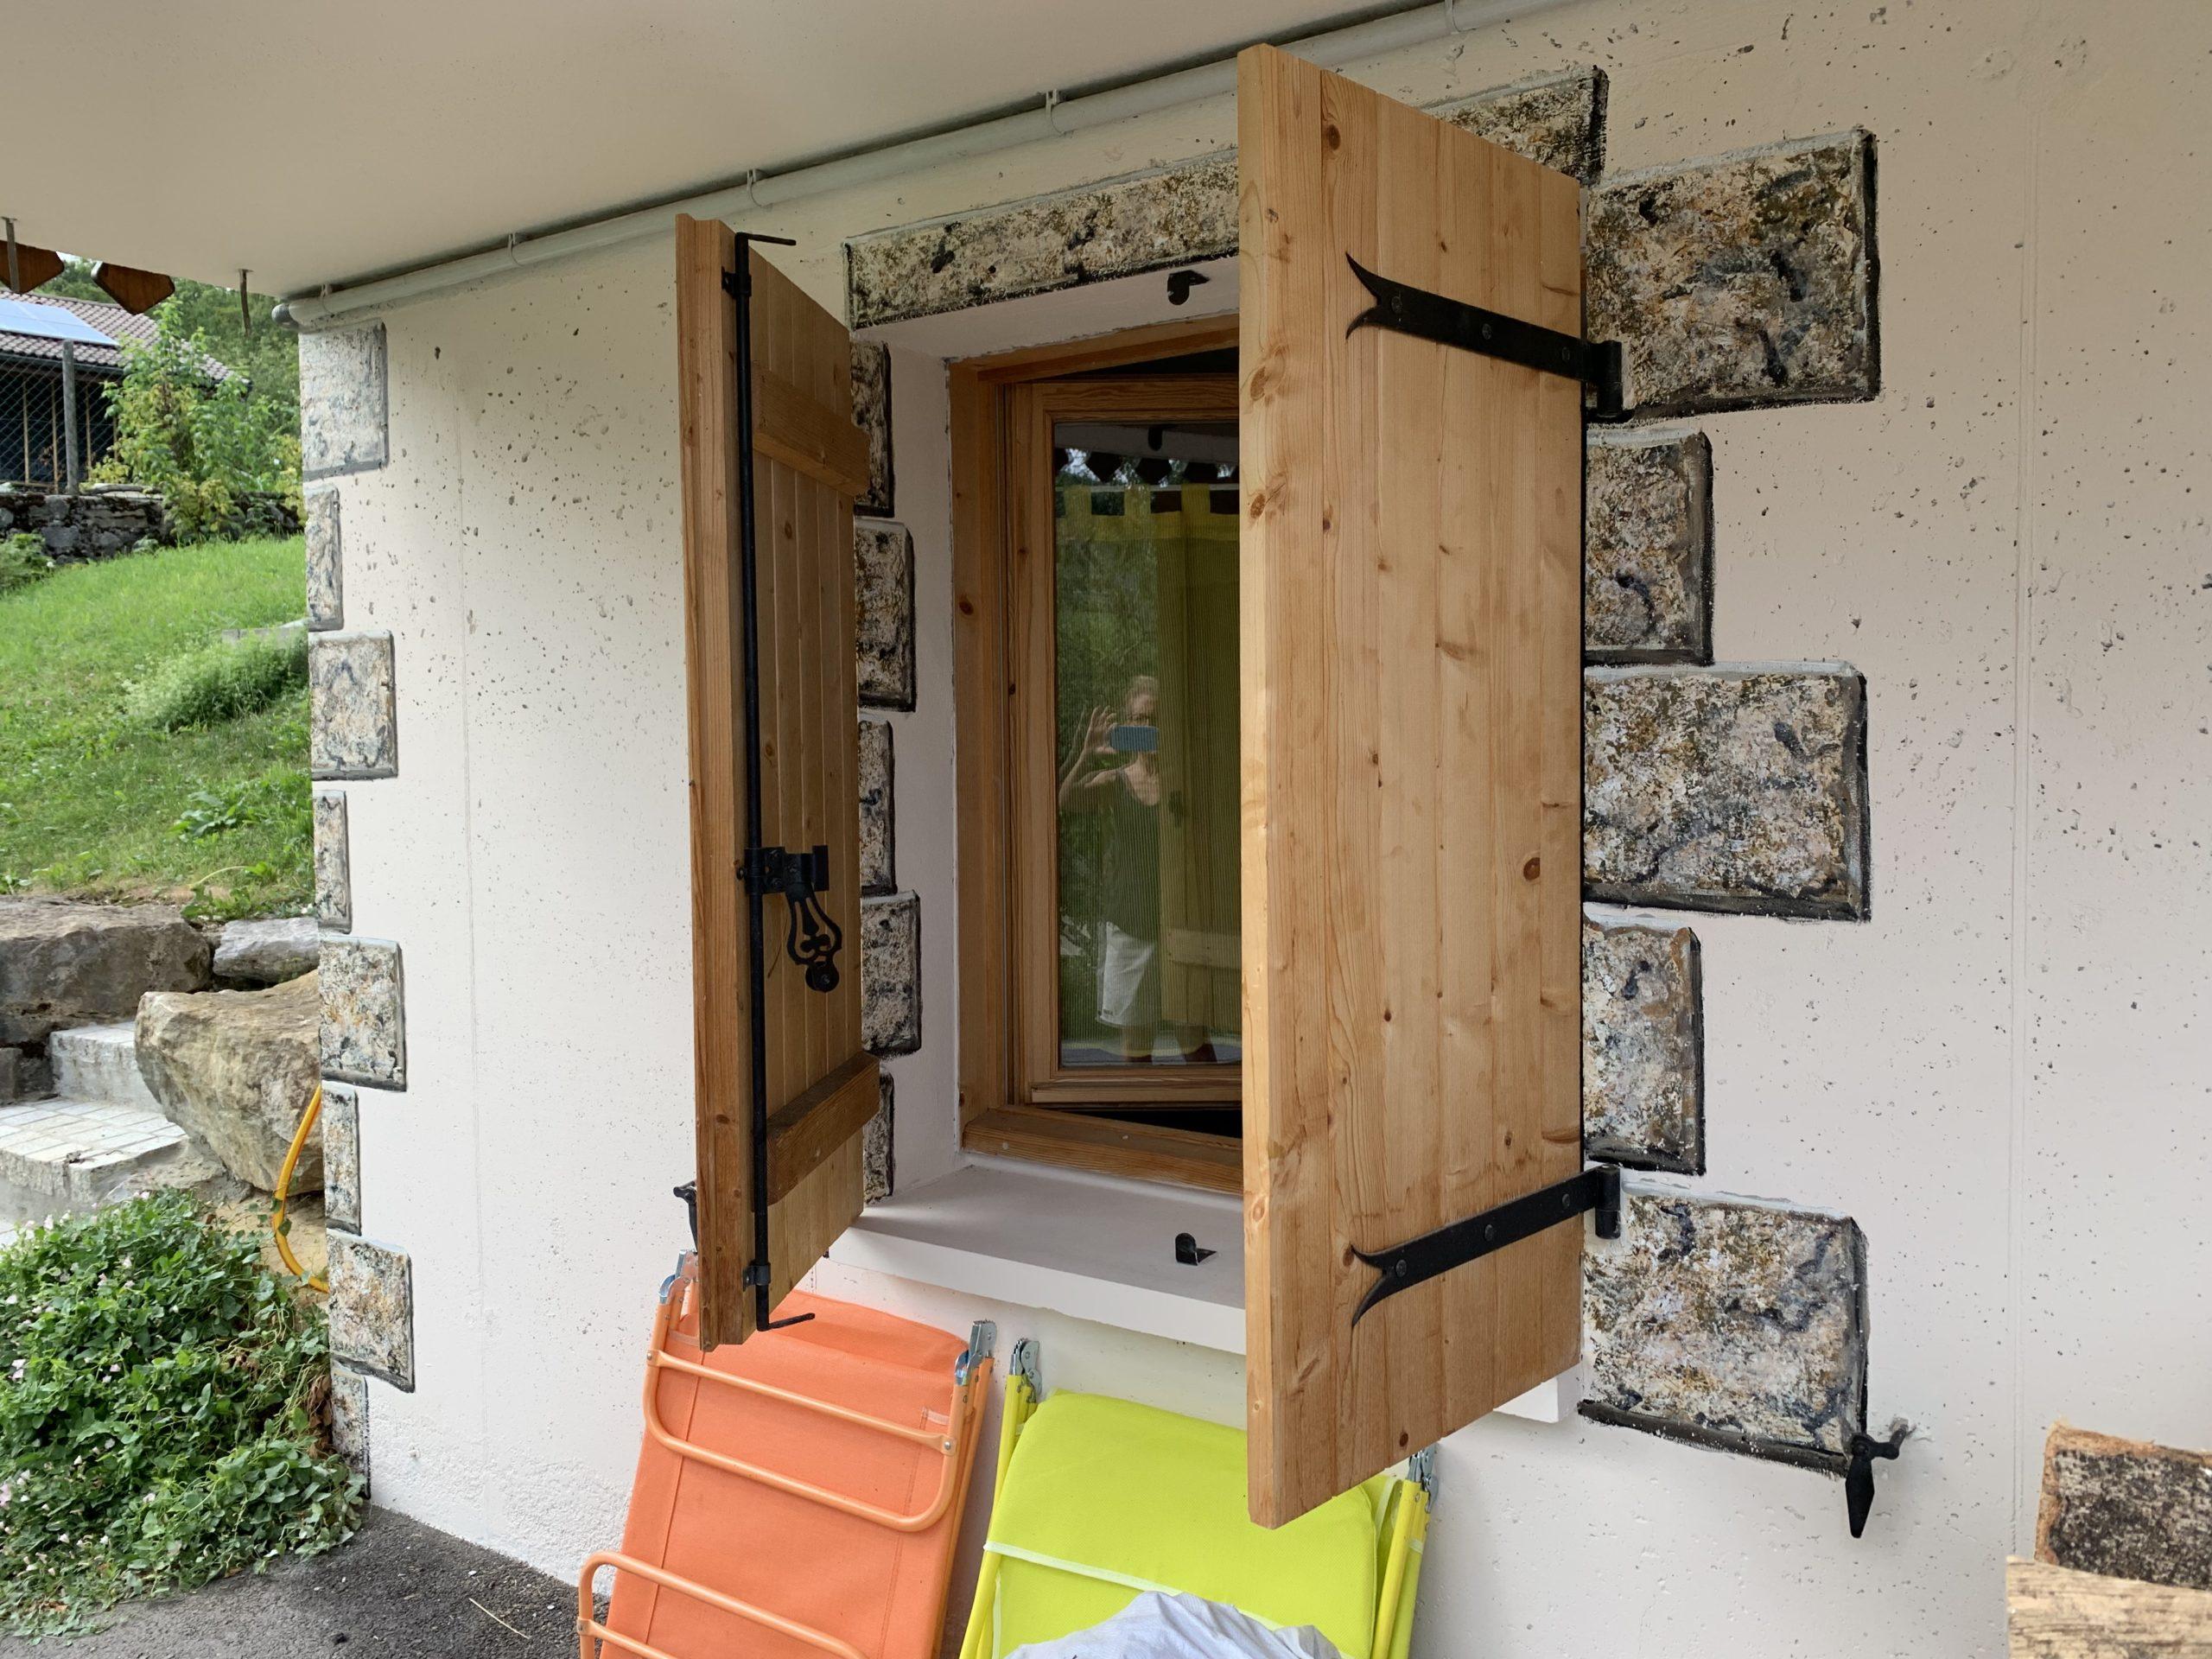 Imitation de pierres sur façade, peinture et enduit de chaux